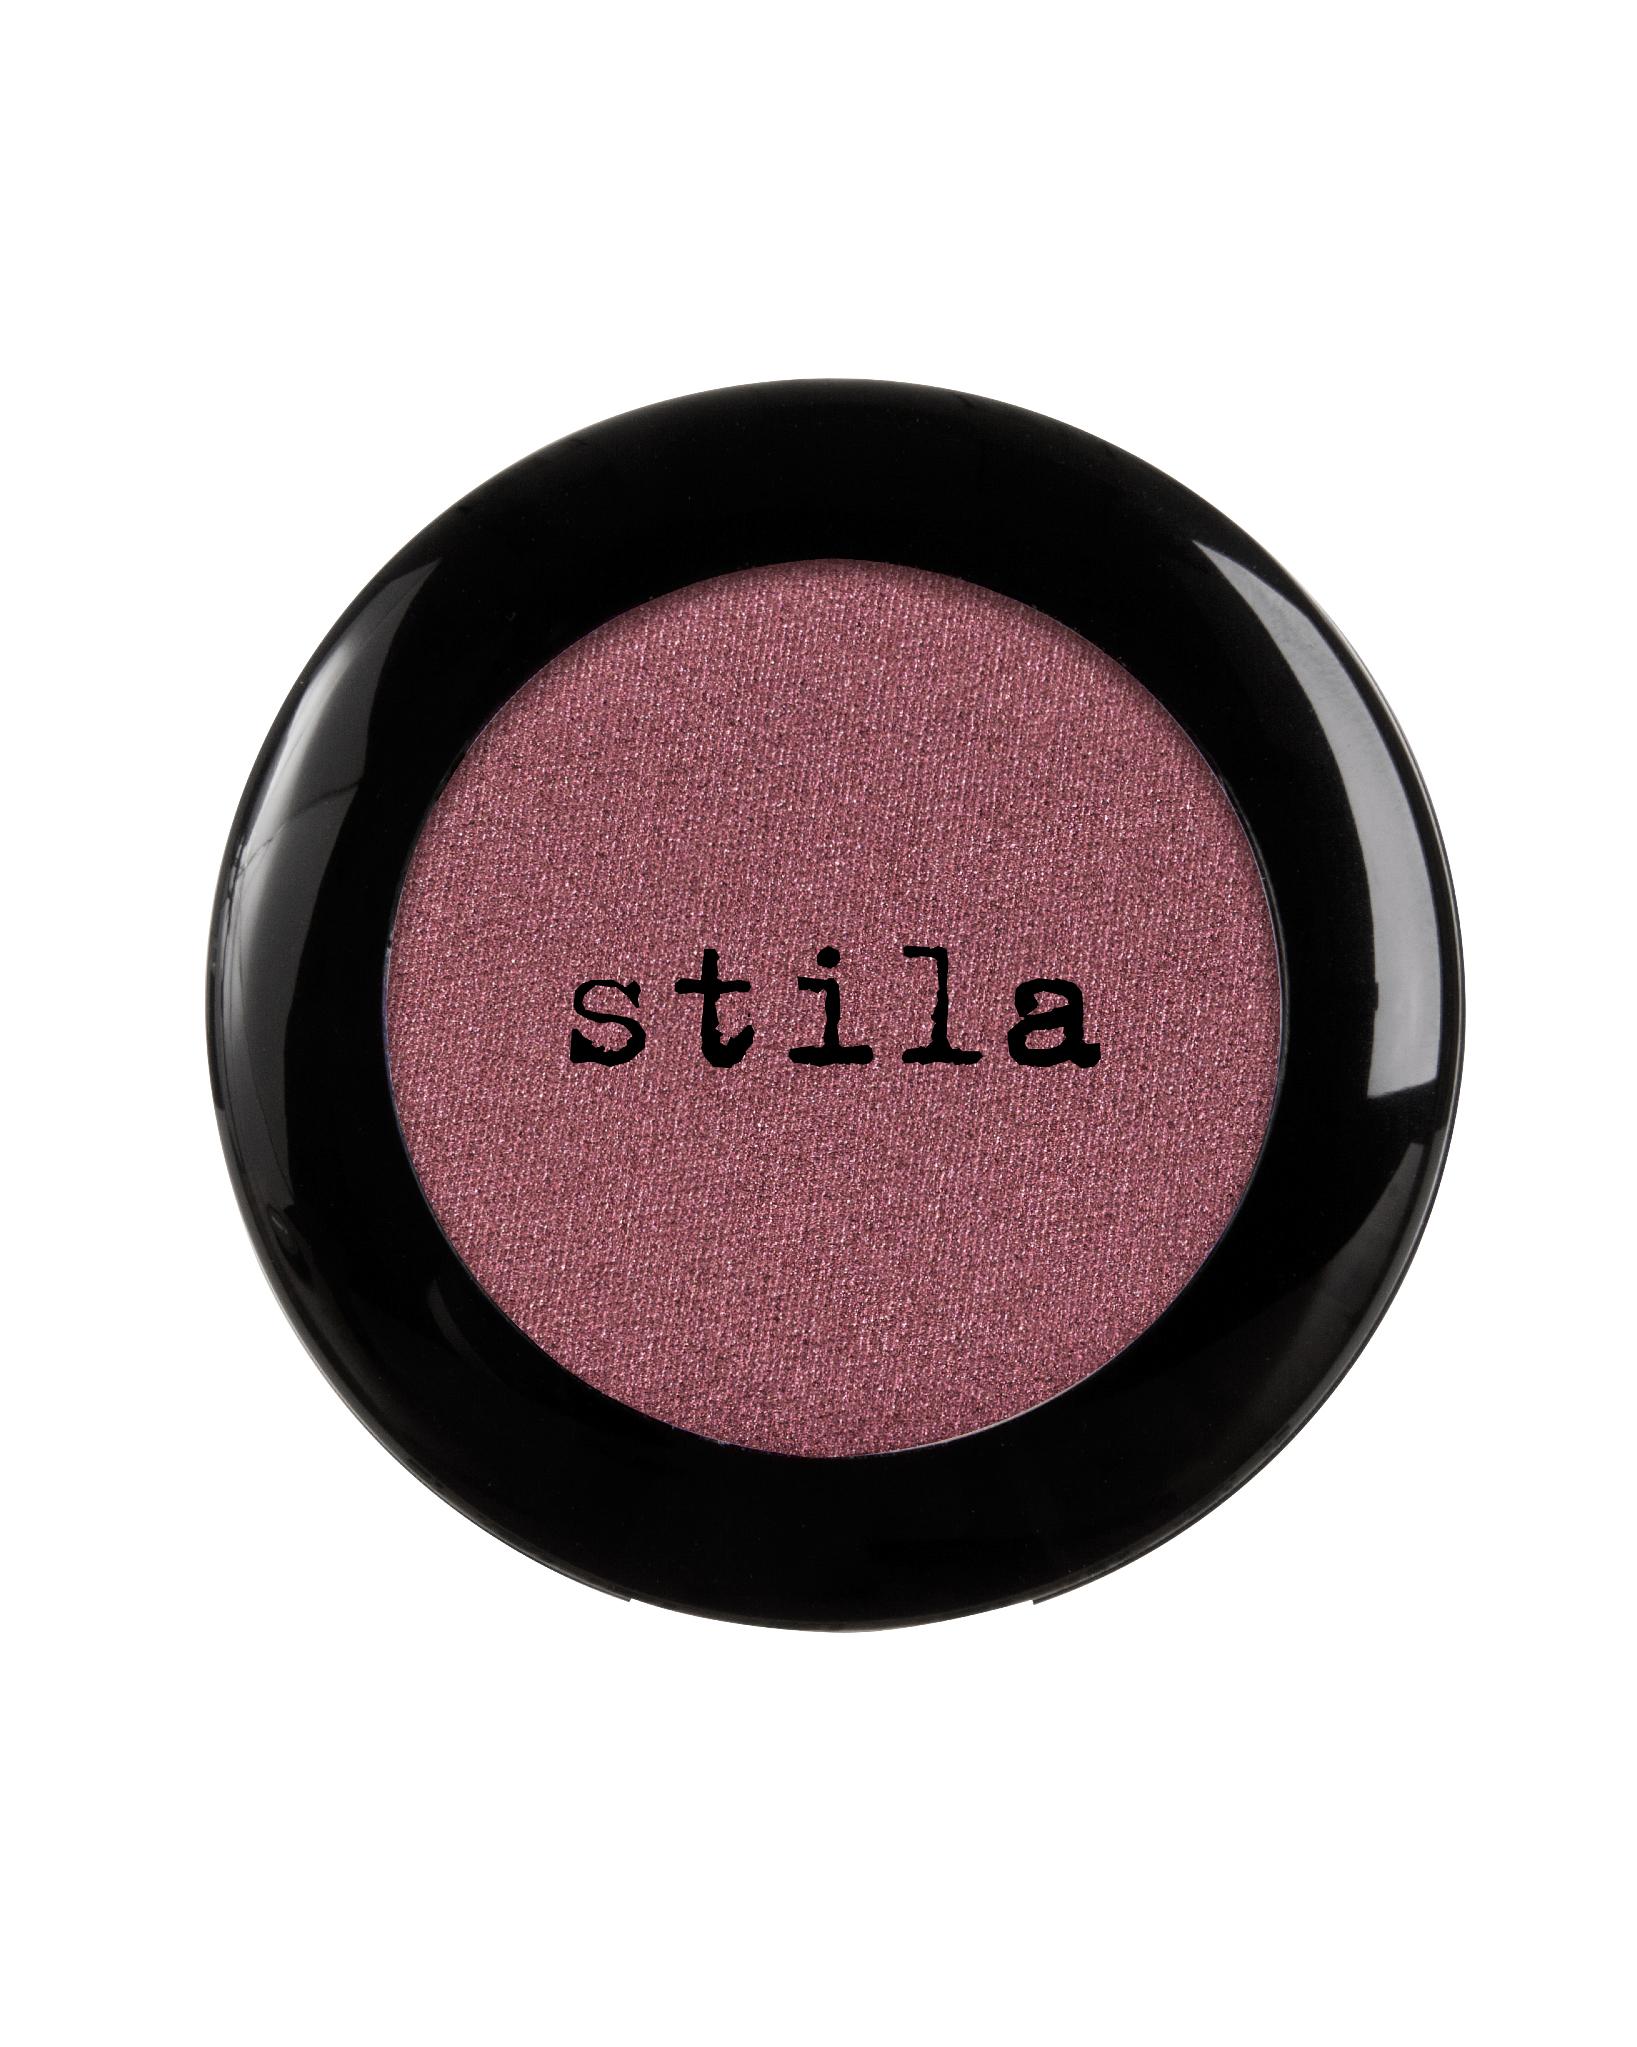 stila-eyeshadow-shadetwig-0814.jpg